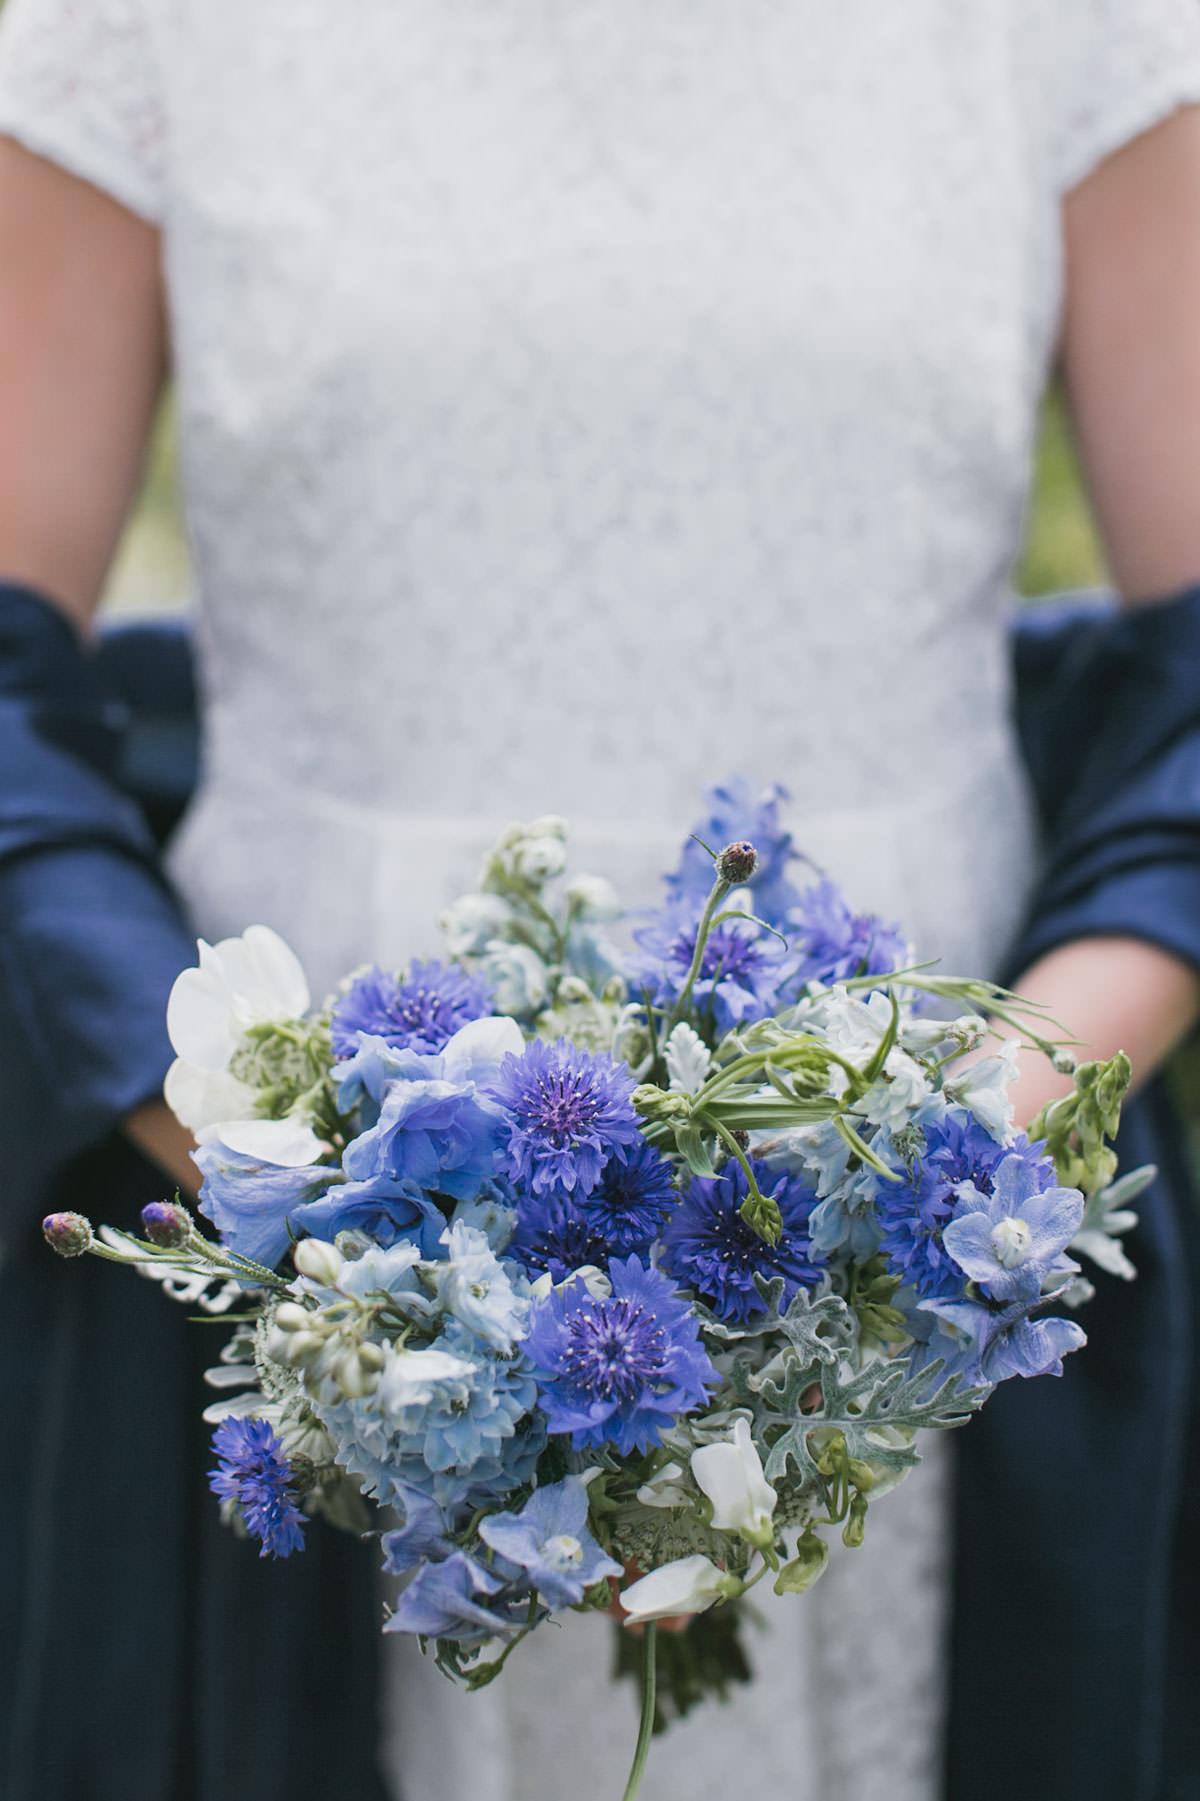 Brudbukett från florist Blomstrande Design i Malmö. Bilderna är tagna av bröllopsfotograf Tove Lundquist, Malmö.